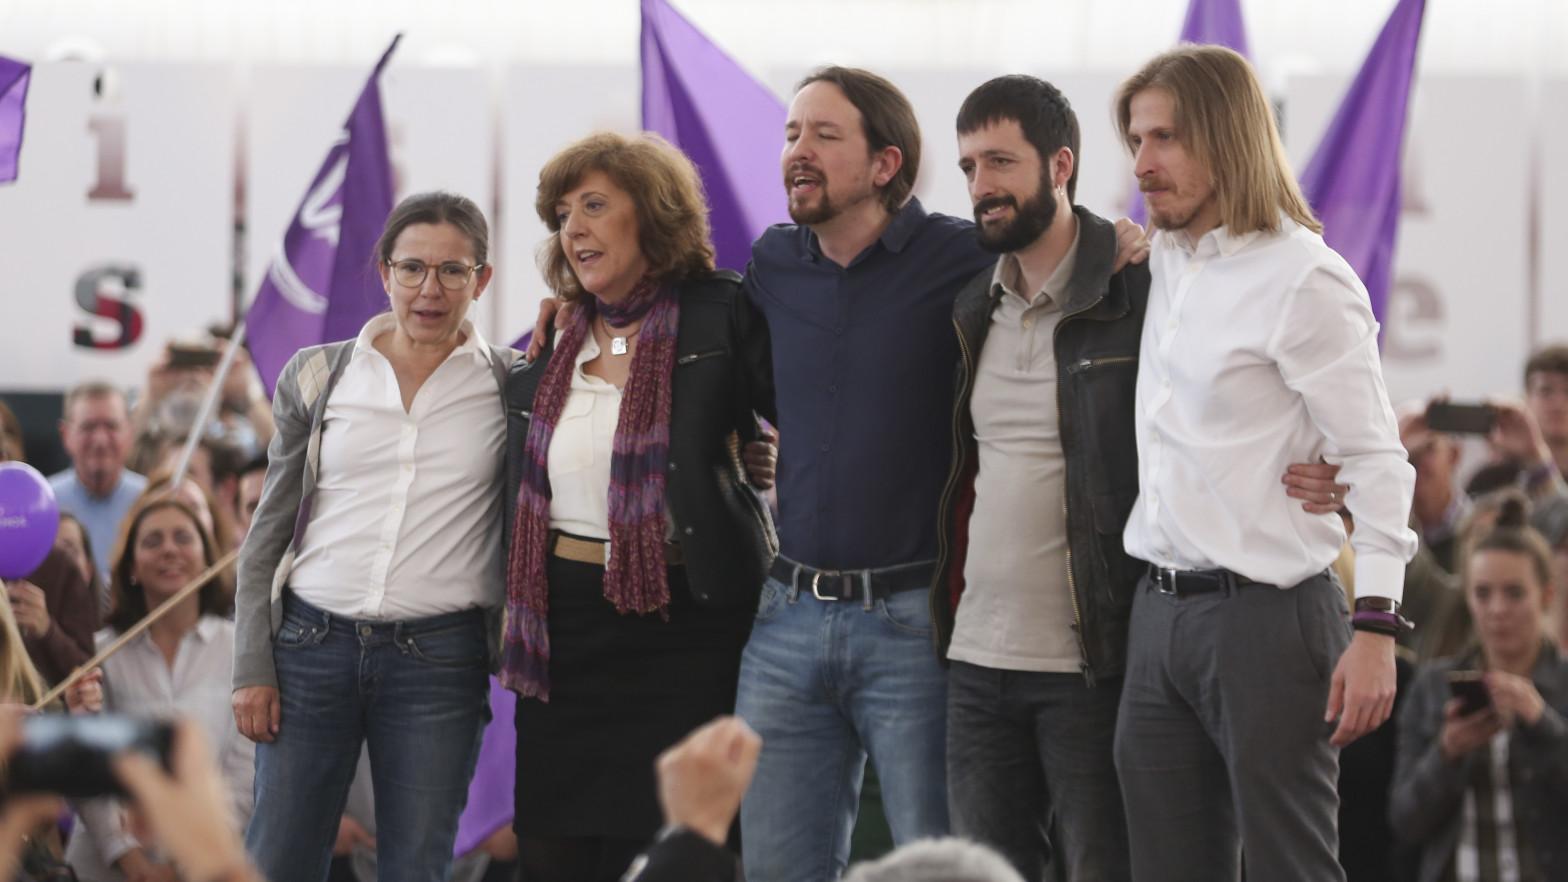 Caso Neurona: empleados despedidos y la secretaria de Del Olmo, otra amenaza para Podemos